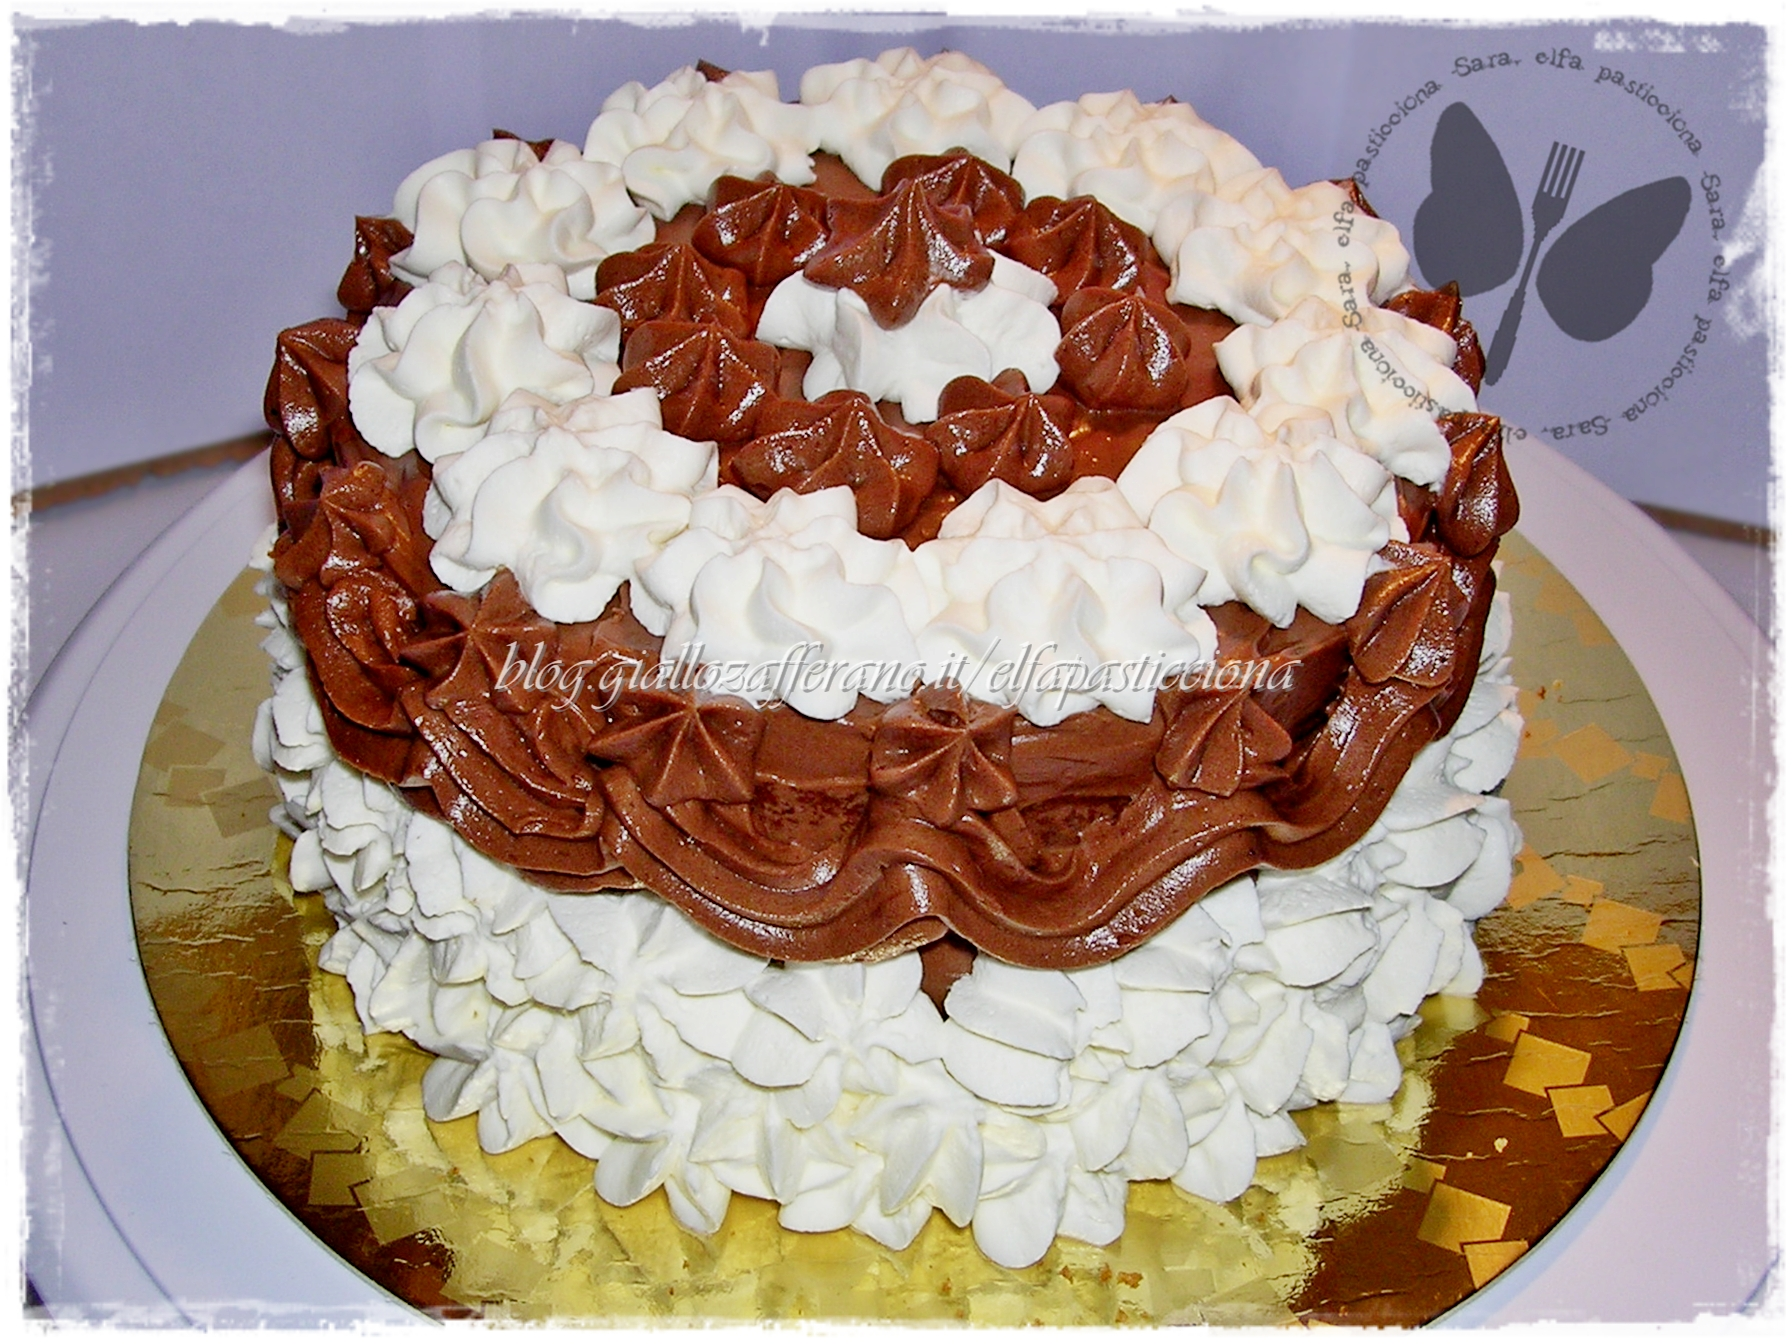 Torta Di Compleanno Panna E Cioccolato Per Mio Suocero